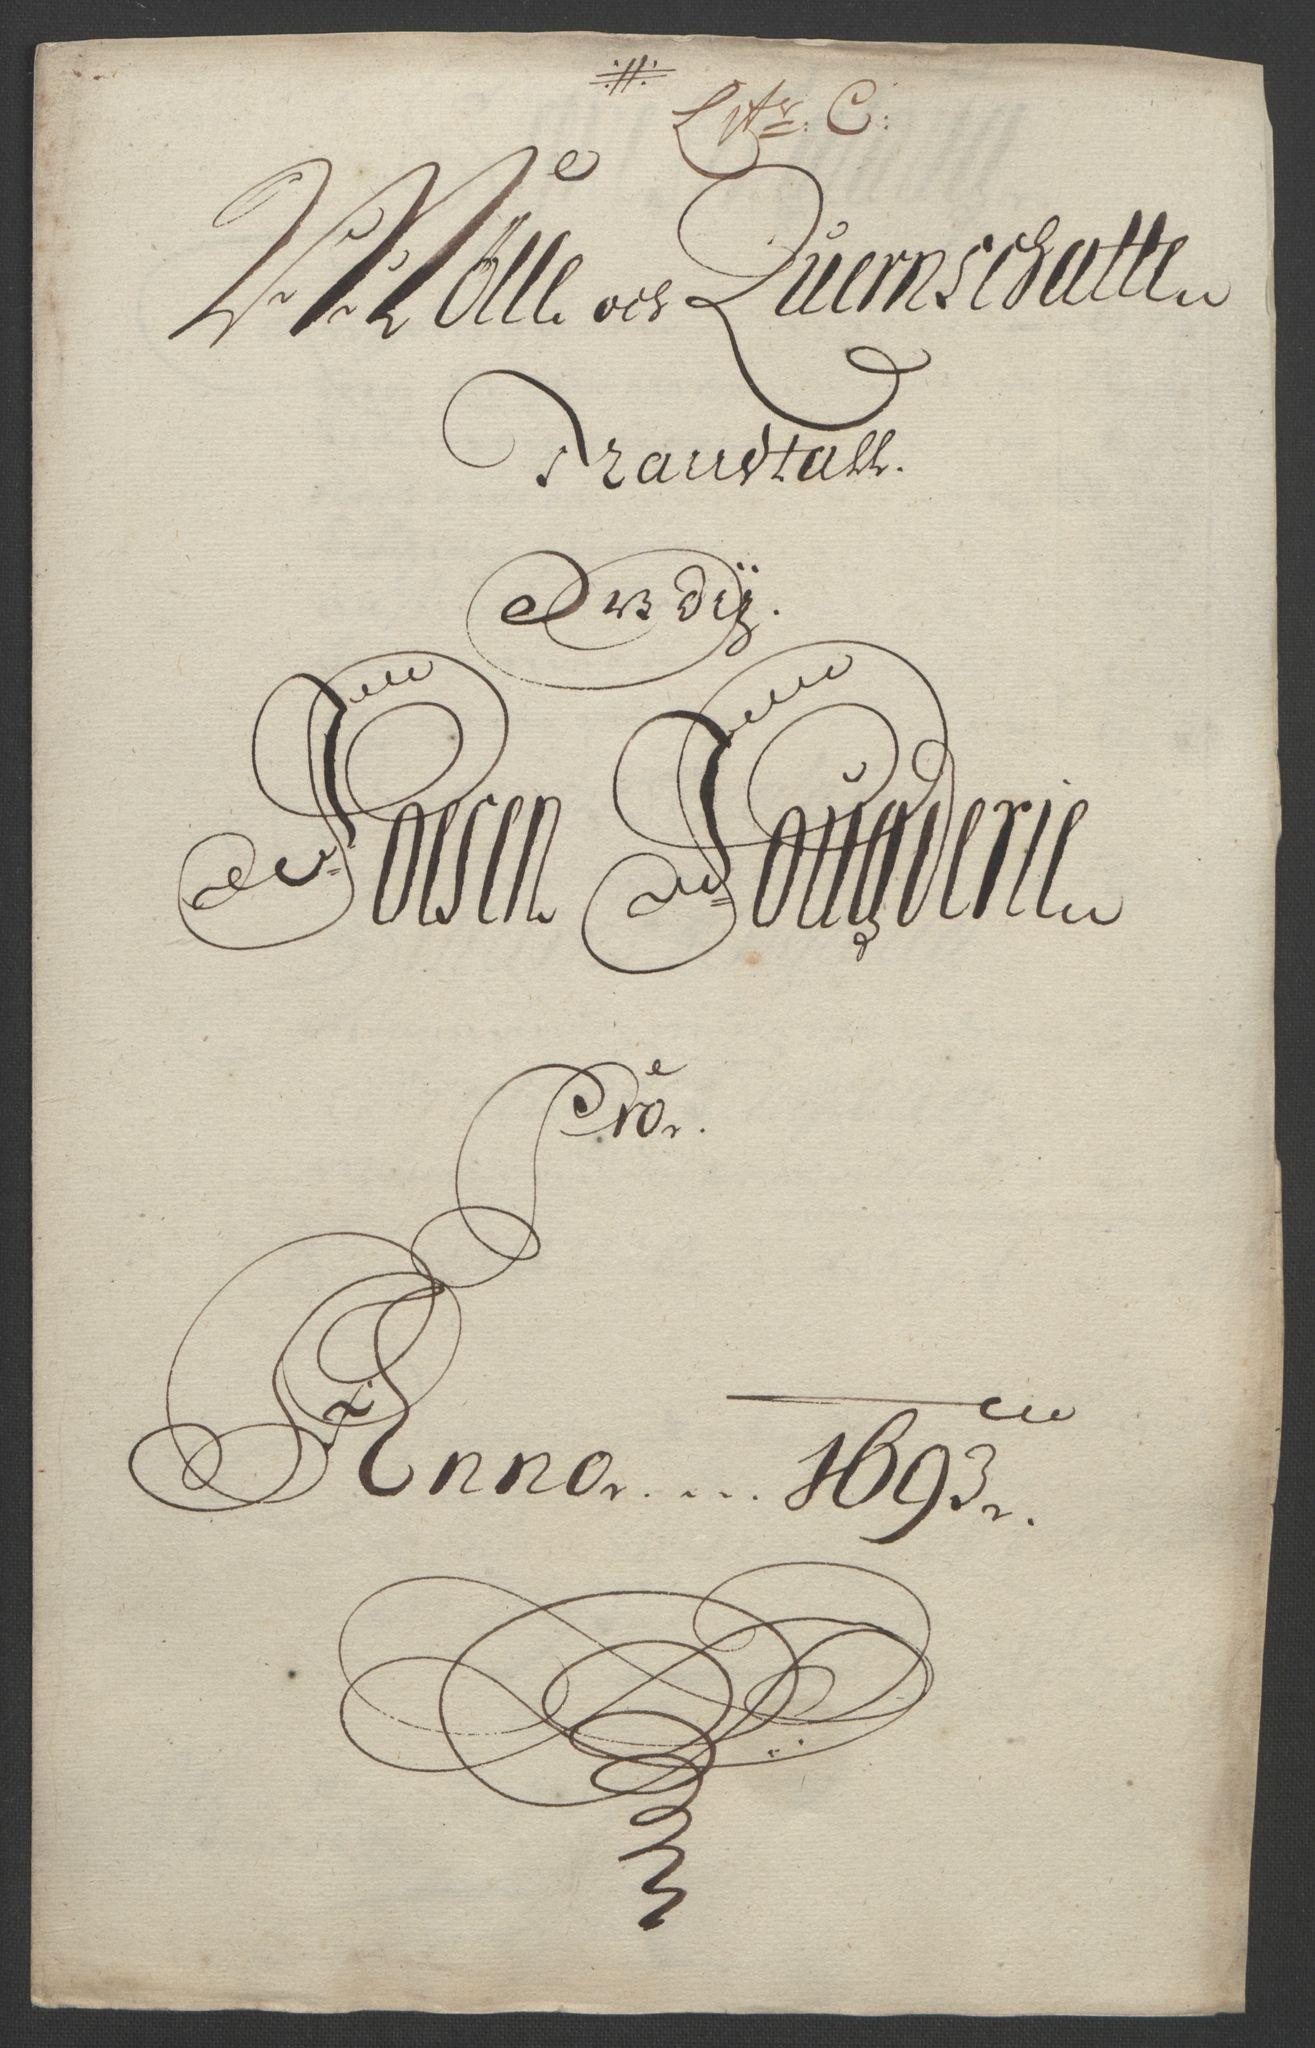 RA, Rentekammeret inntil 1814, Reviderte regnskaper, Fogderegnskap, R57/L3849: Fogderegnskap Fosen, 1692-1693, s. 448